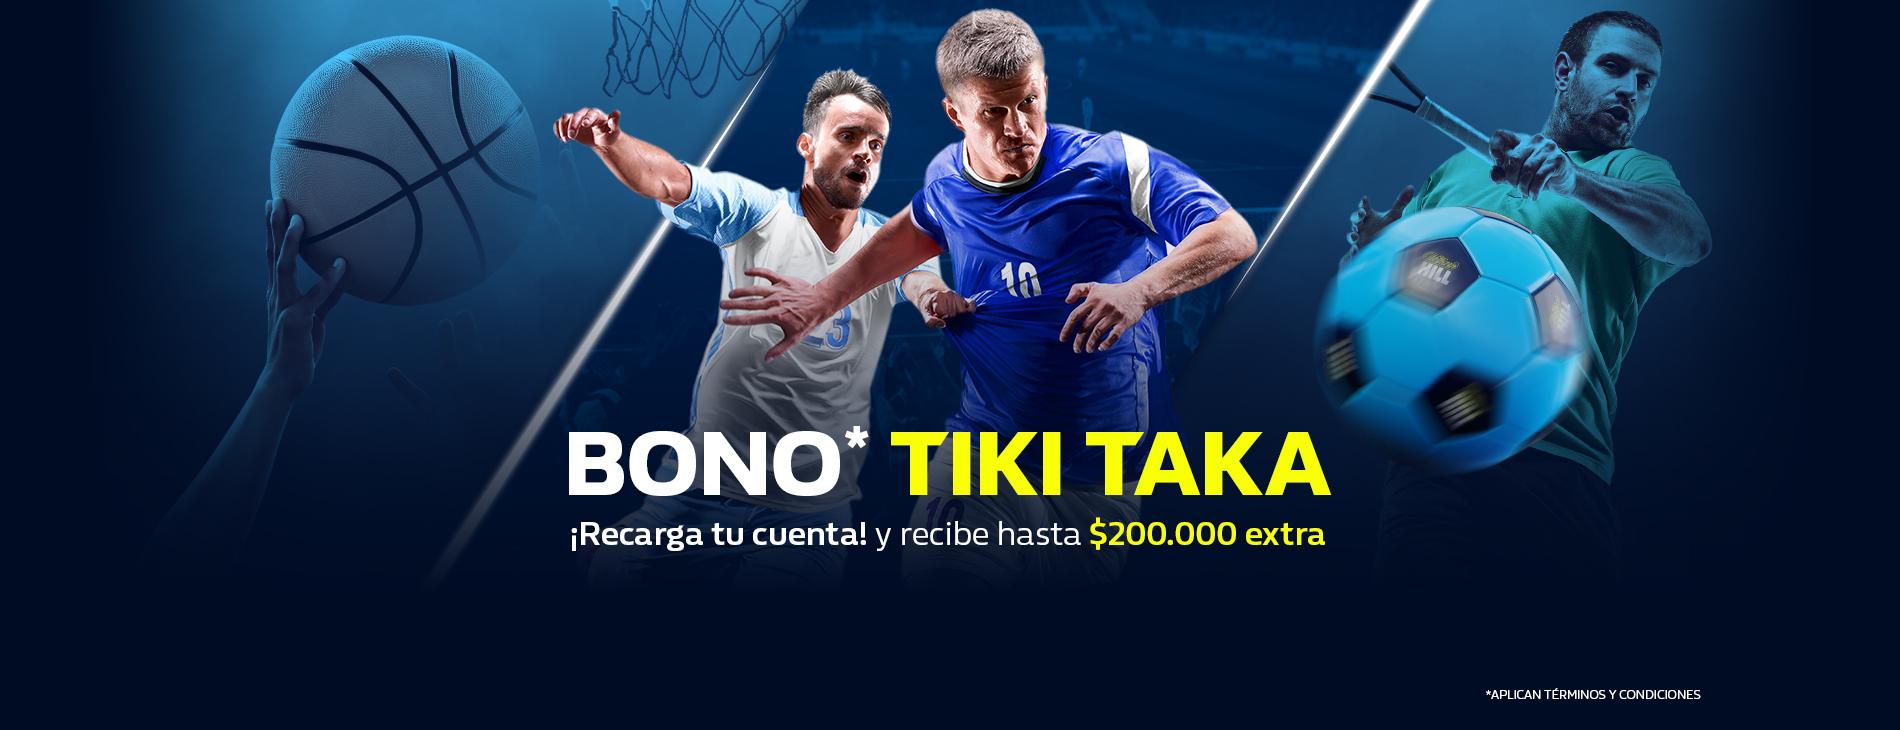 sportbook_bono_tiki_taka_bienvenida_full